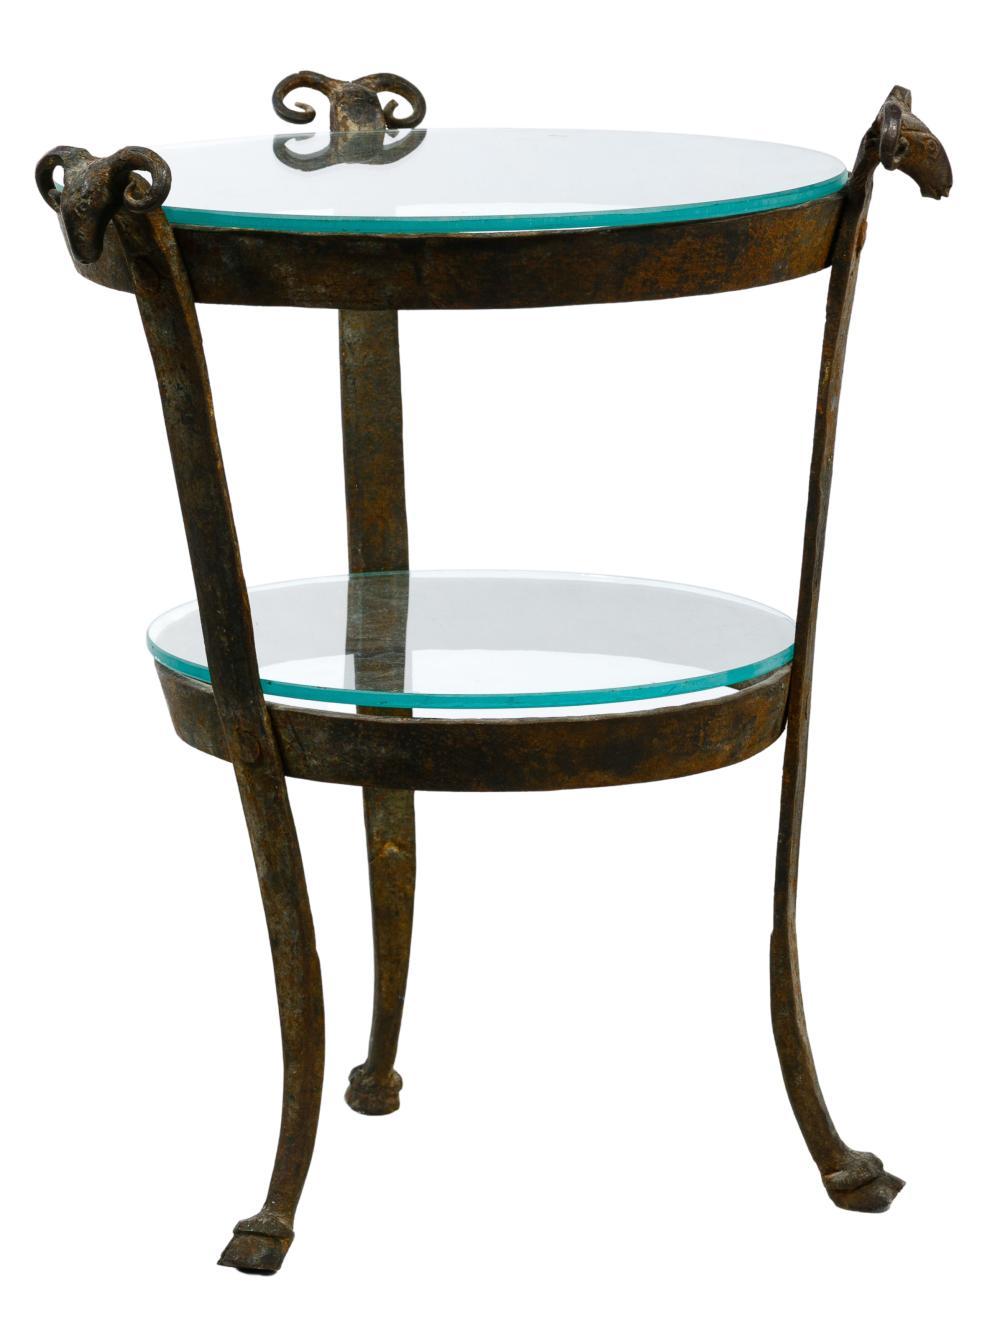 Wrought Iron Ram's Head Gueridon Table